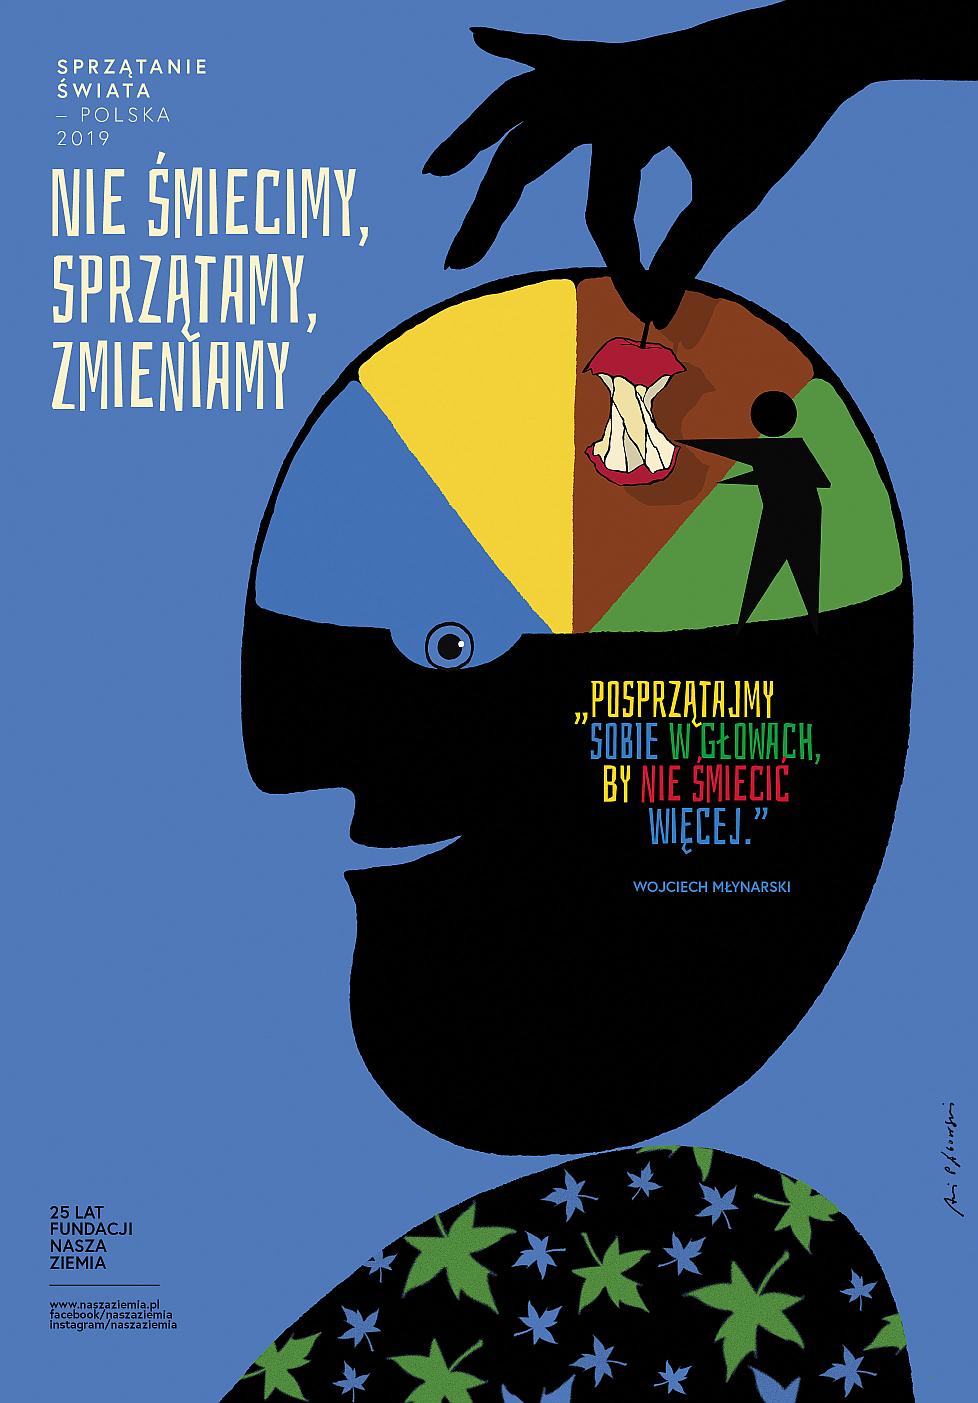 Plakat Akcji Sprzątanie świata - Polska 2019